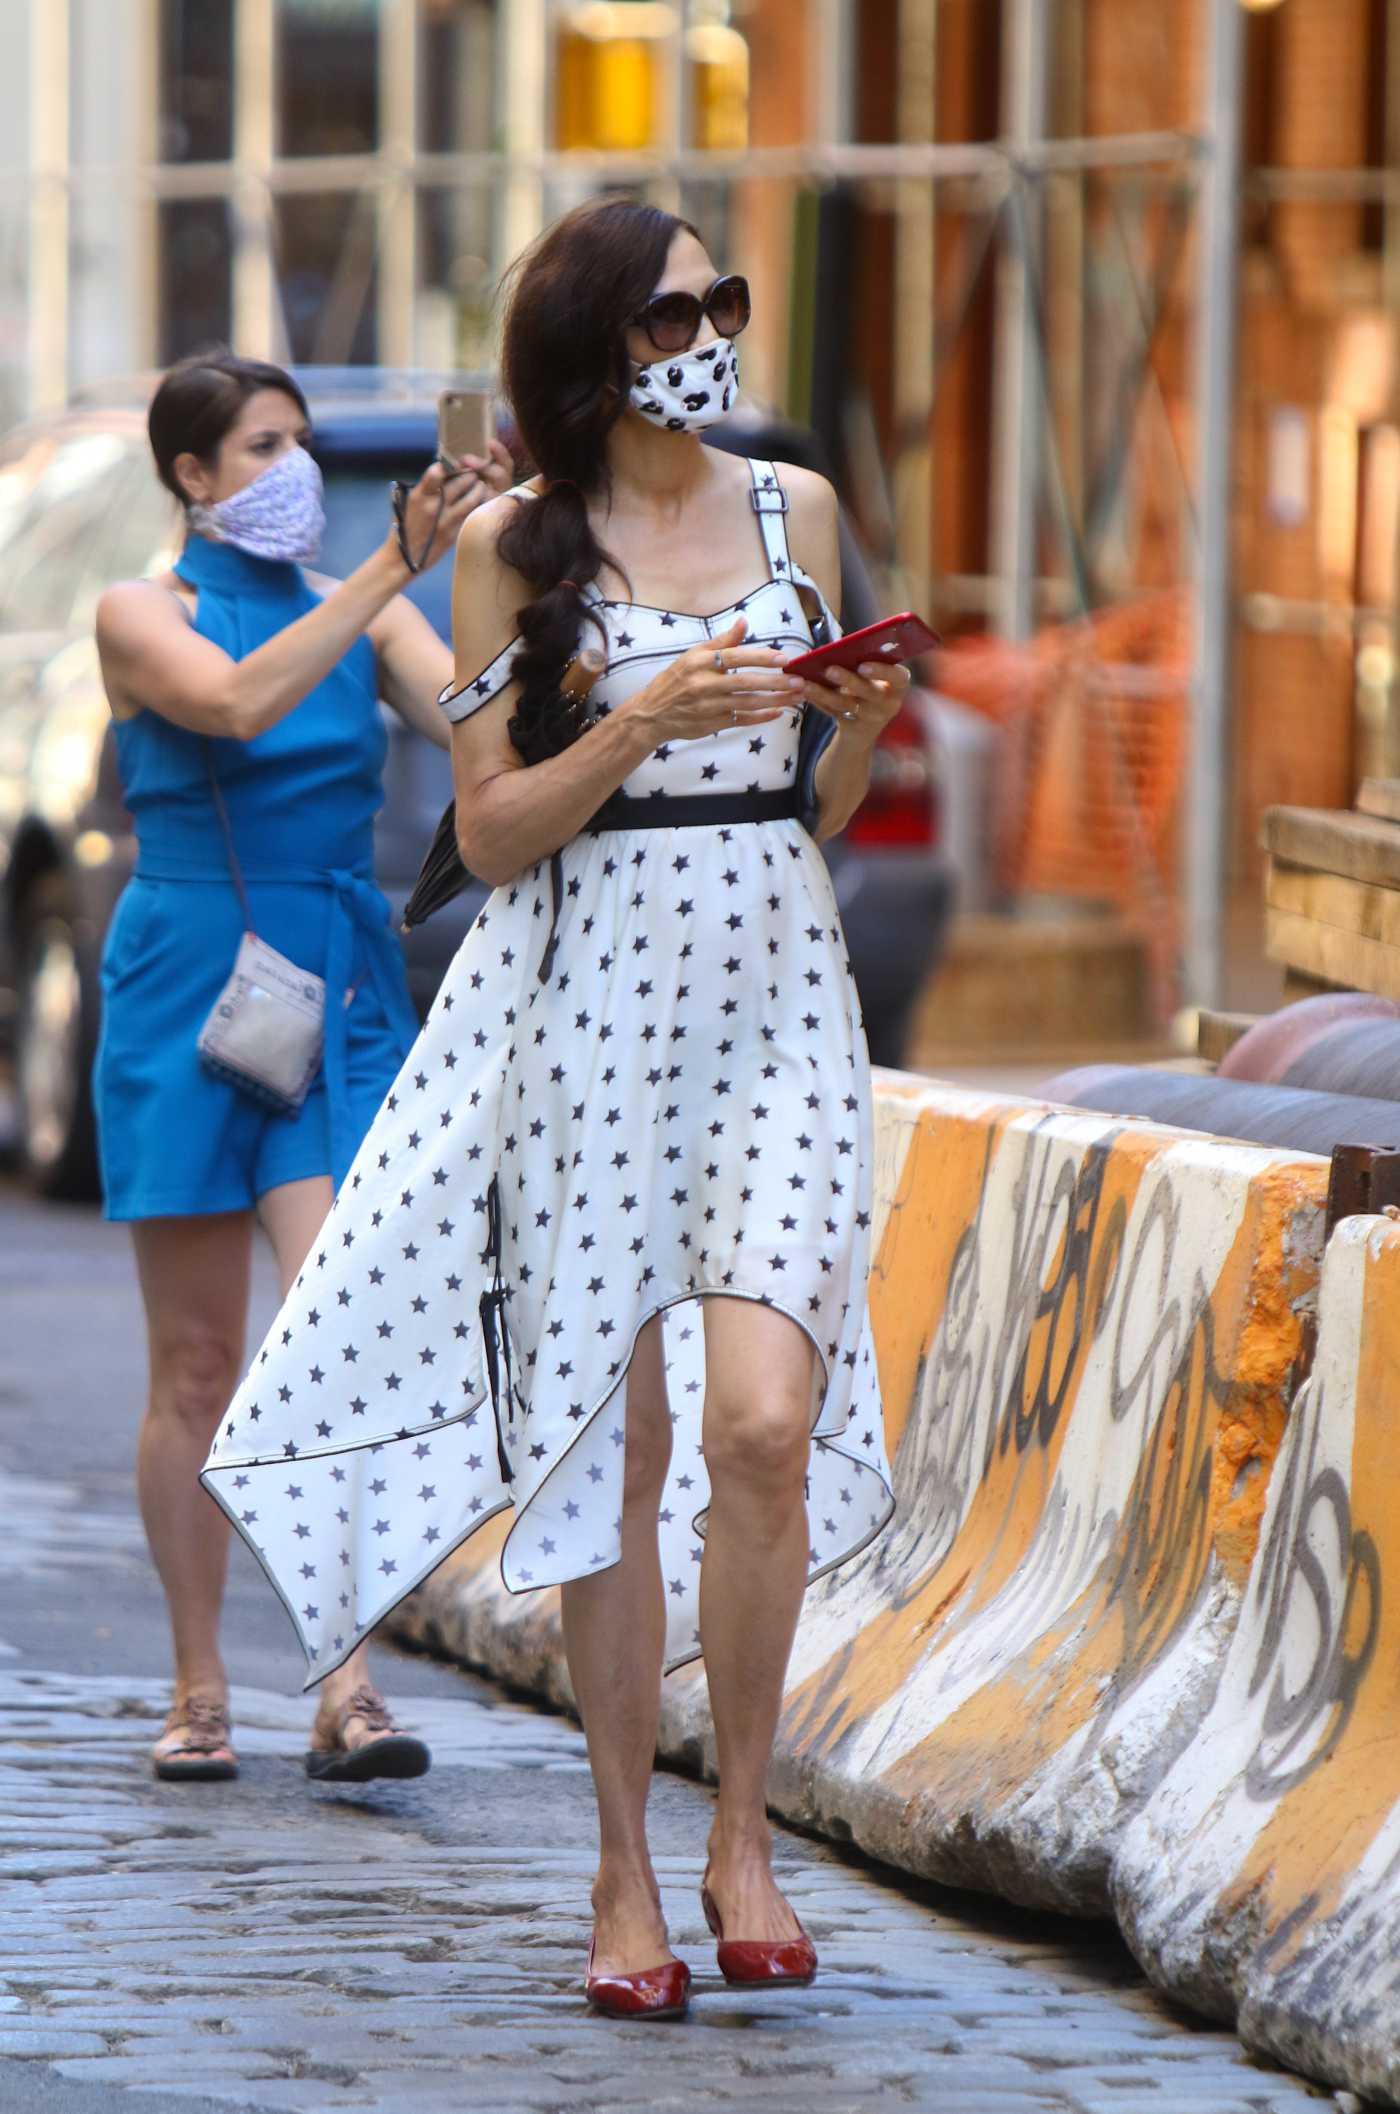 Famke Janssen in a Star Print White Dress Was Seen Out in Soho, Manhattan 06/13/2020